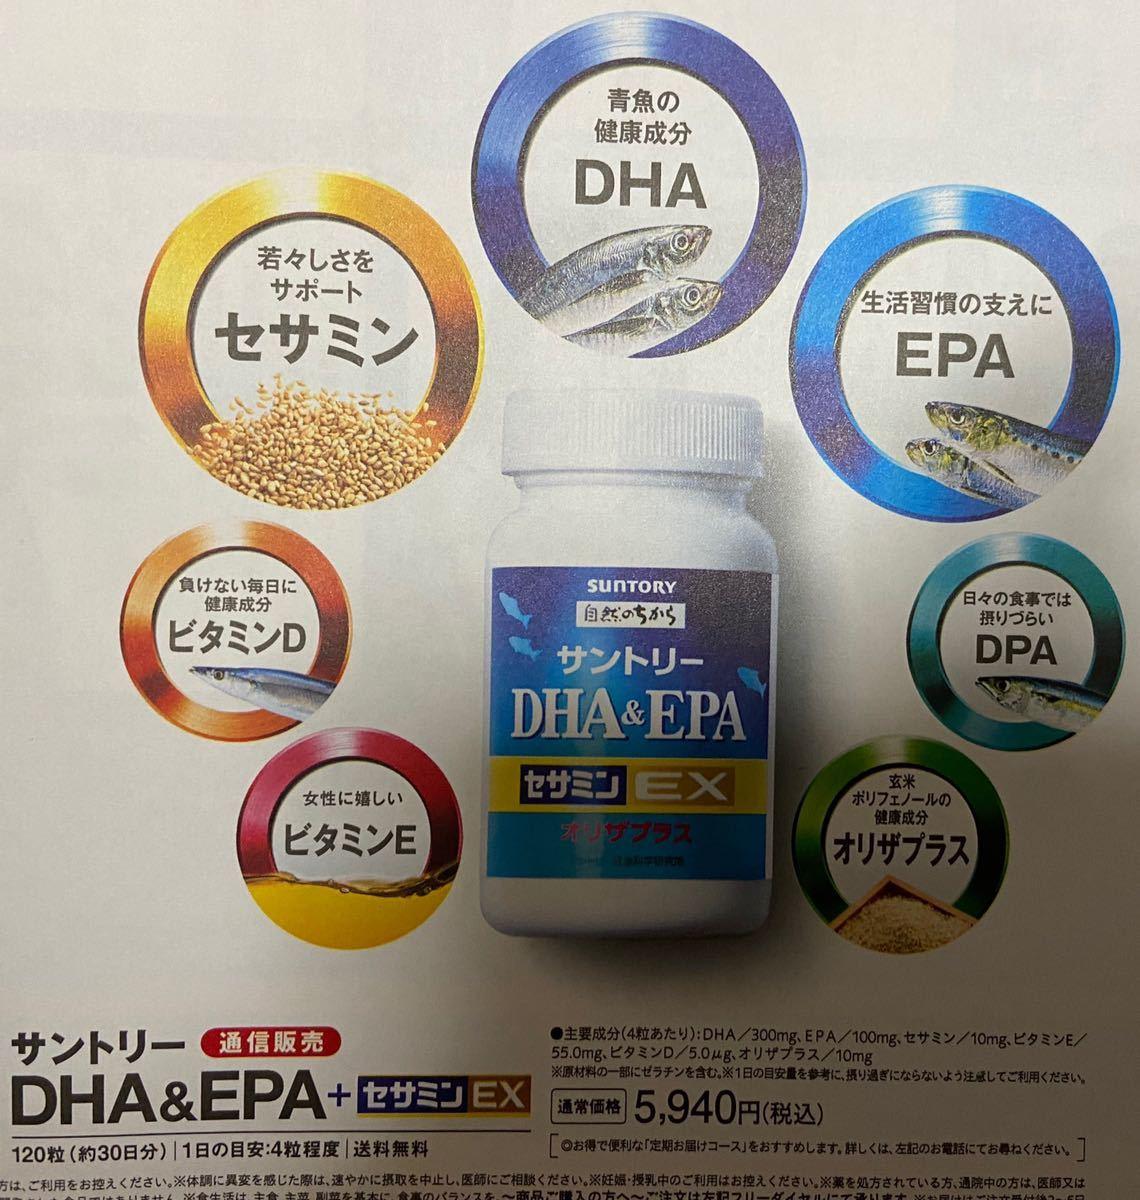 サントリーDHA&EPA セサミンEX 定価5940円→無料→申込用紙20枚 サントリーサプリメント 健康食品 無料応募用紙20枚_画像5